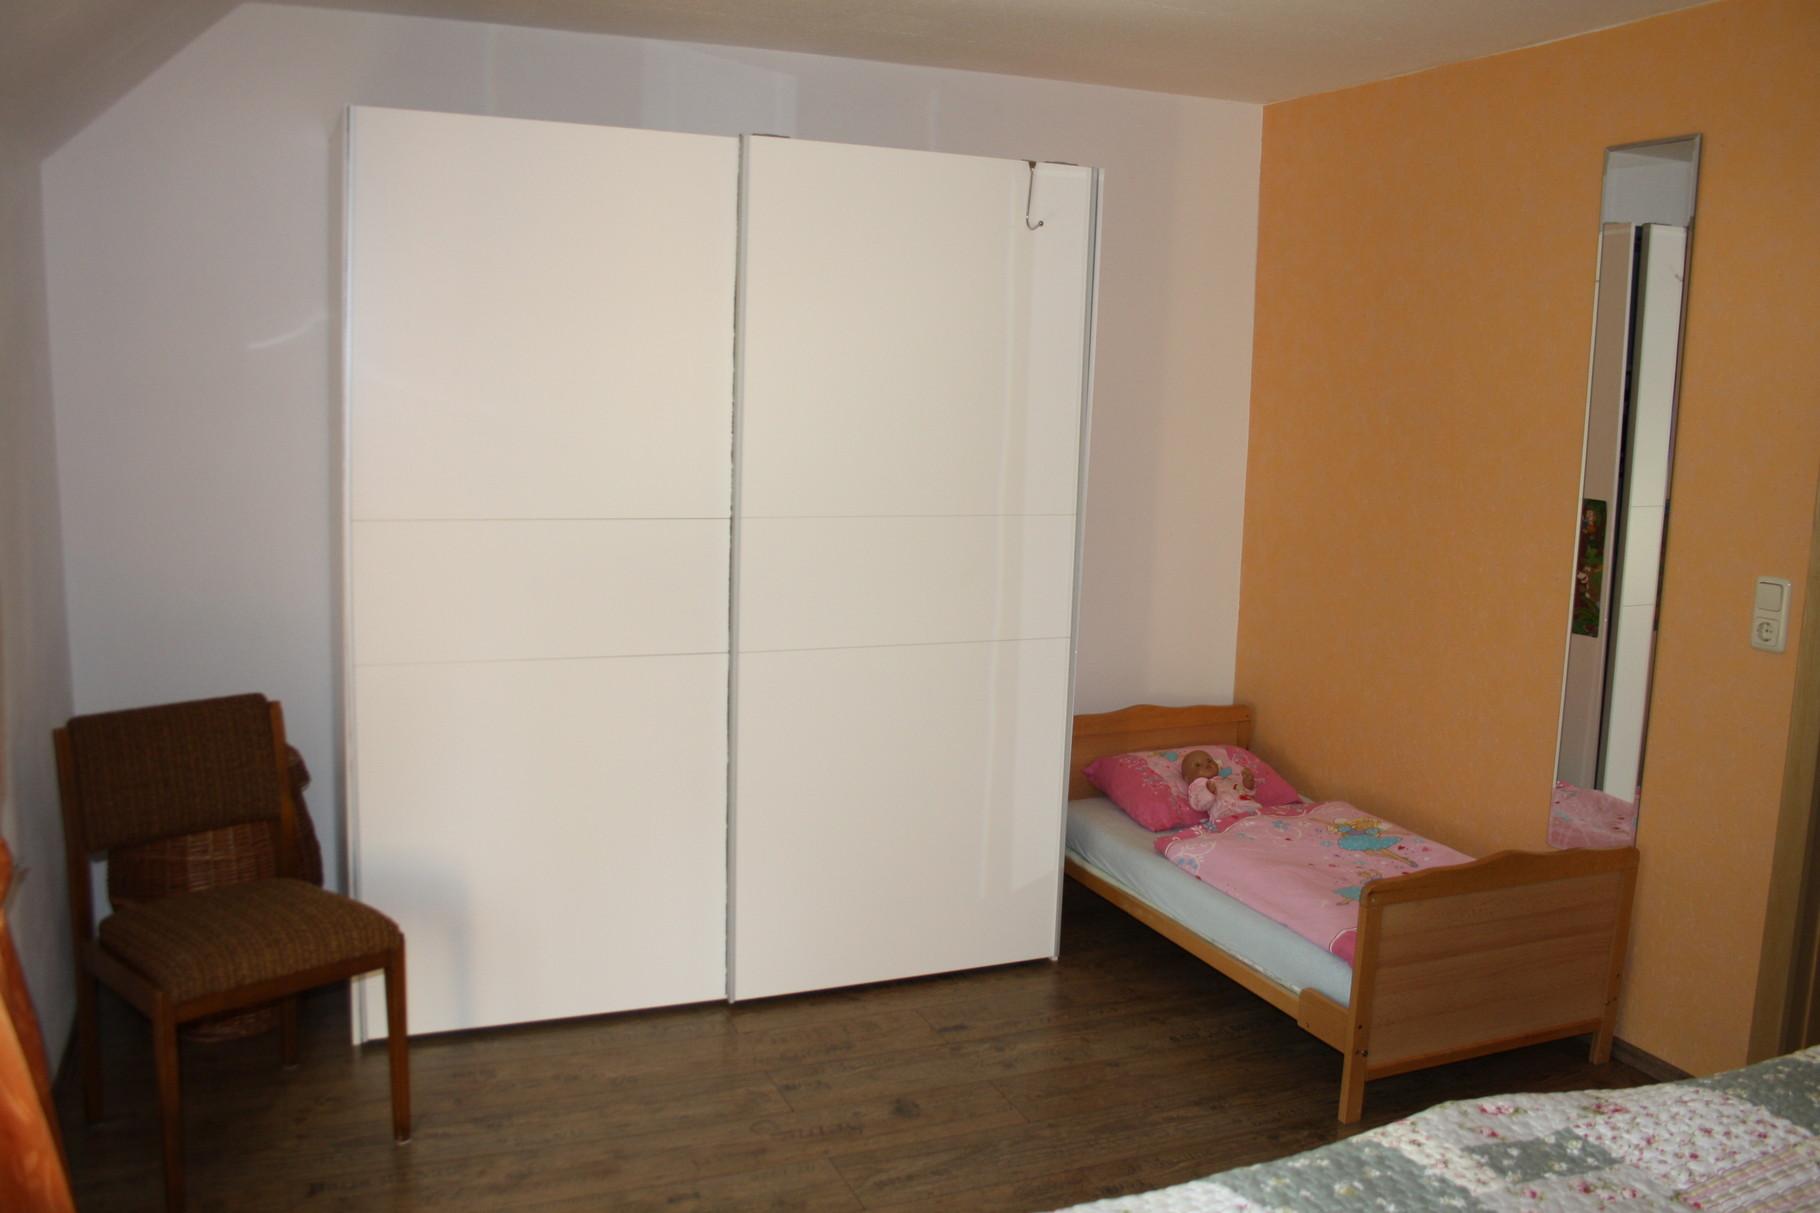 Schrank mit Kinderbett optional als Gitterbett im Schlafzimmer